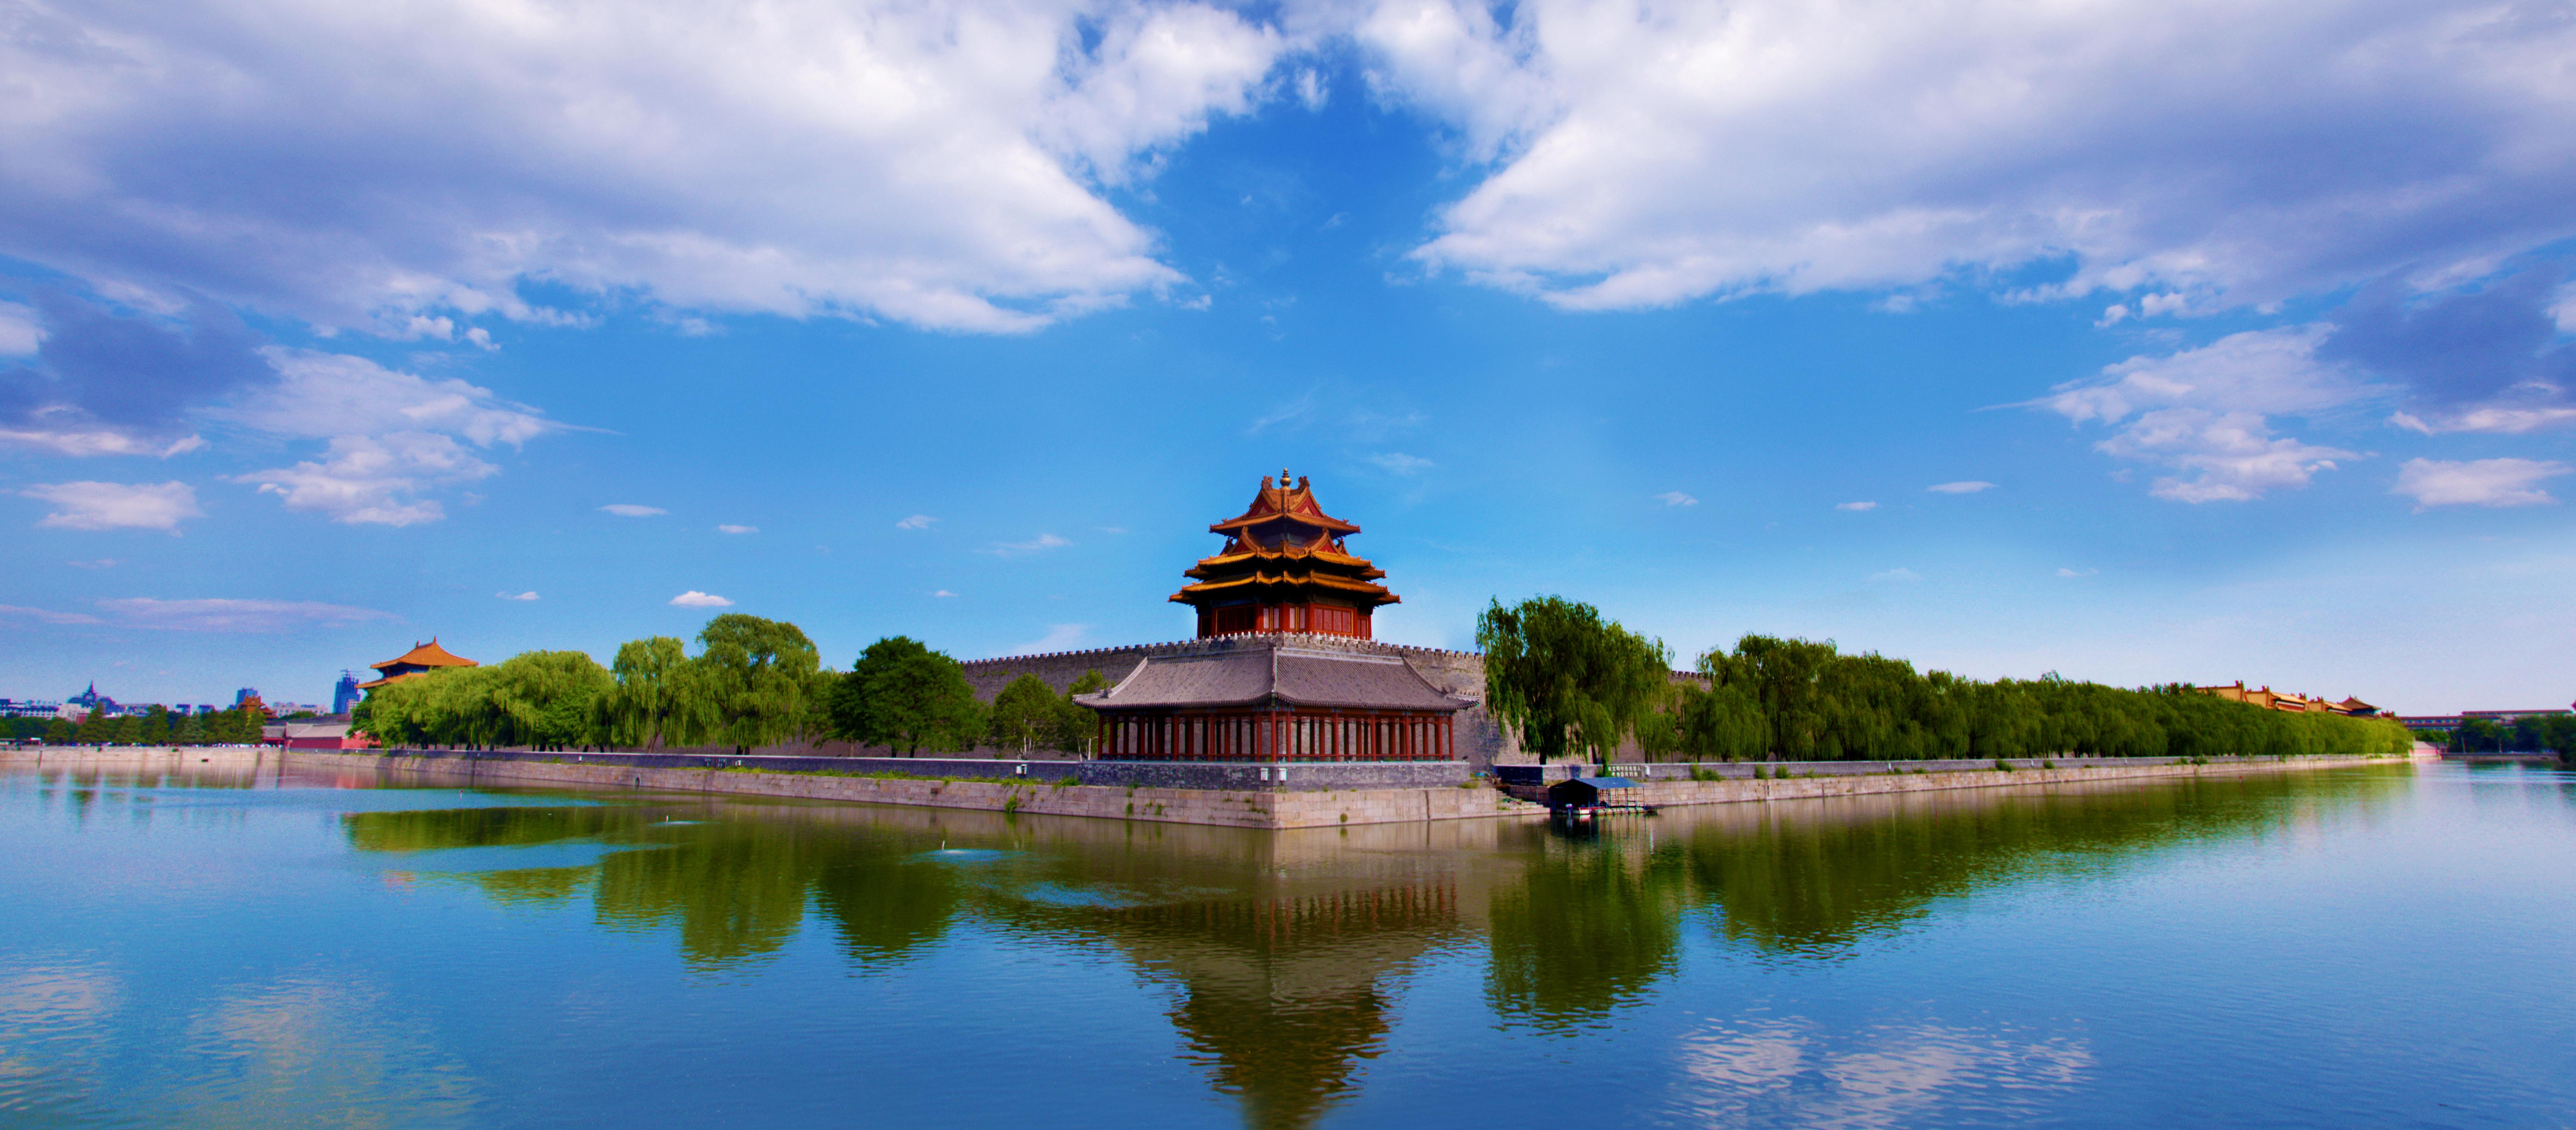 博物馆游成新晋旅游热门主题 途牛发布《2019全球博物馆热度排行榜》